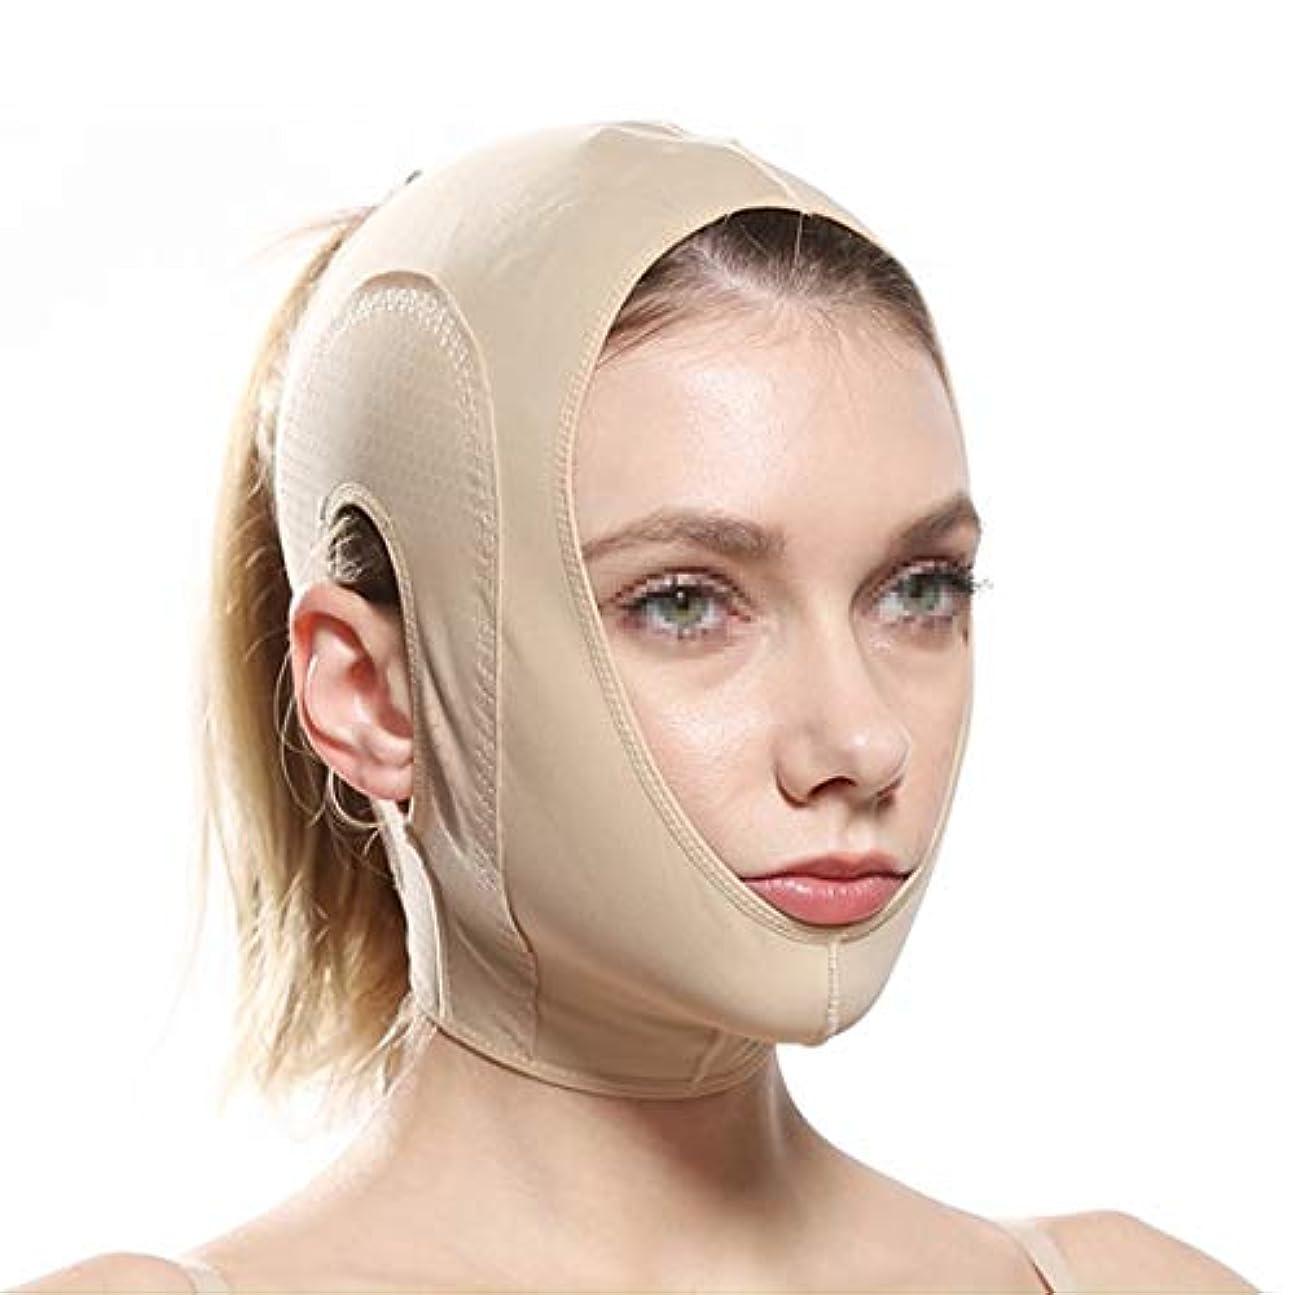 虐殺お風呂自分のためにZWBD フェイスマスク, フェイスリフティング包帯vフェイスフェイスしわvフェイス包帯美容マスクリフトタイトビューティー